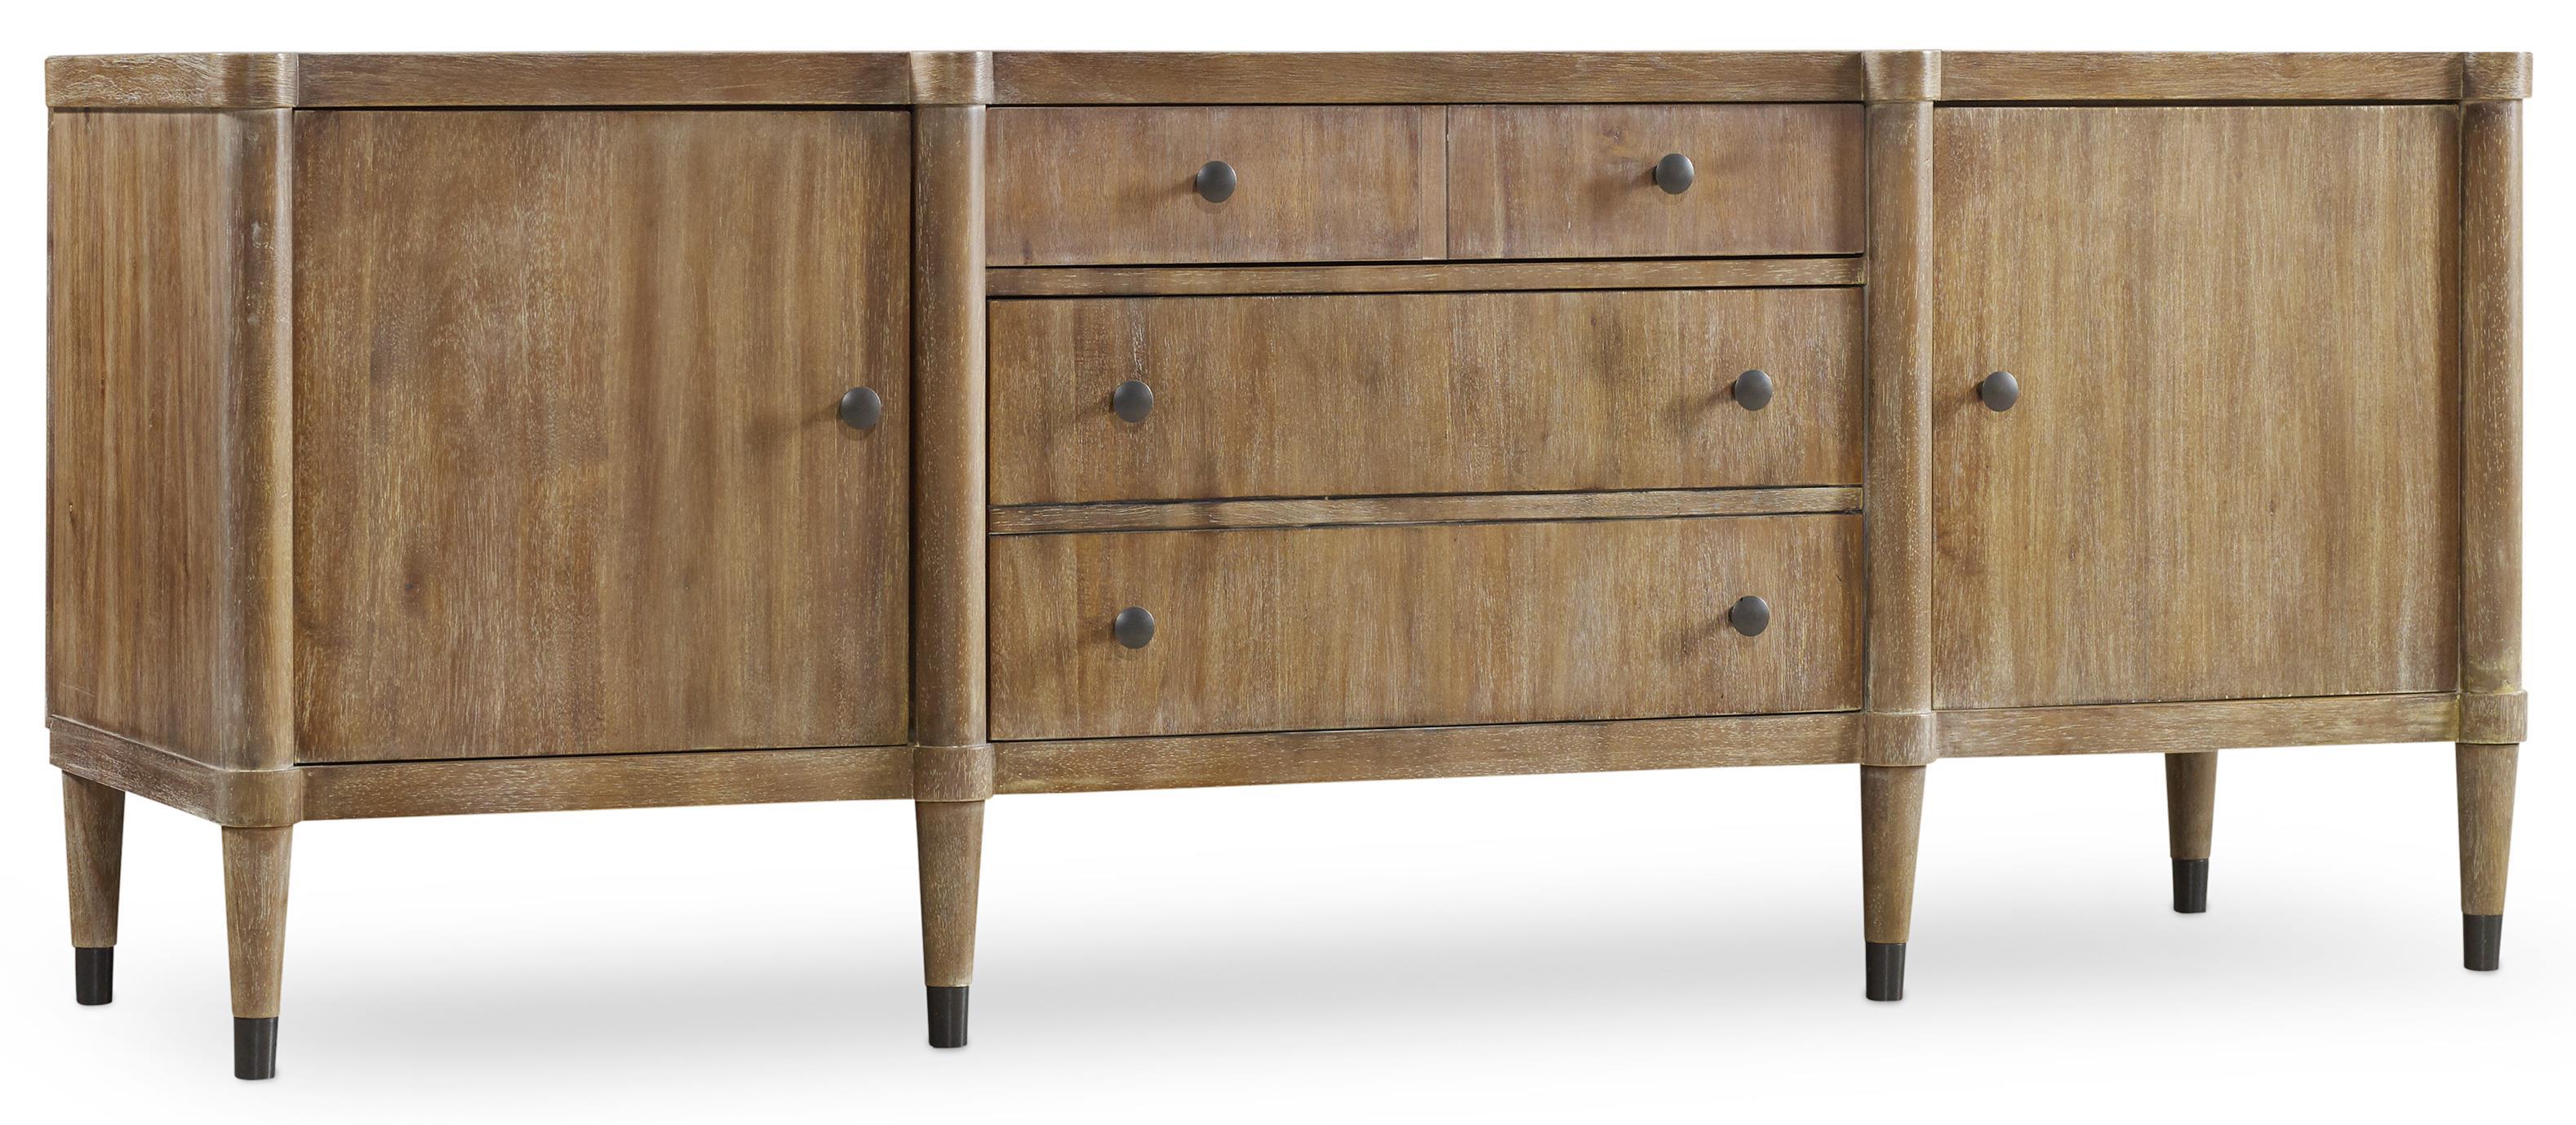 Hooker Furniture Studio 7H Vennesla Credenza - Item Number: 5382-85001